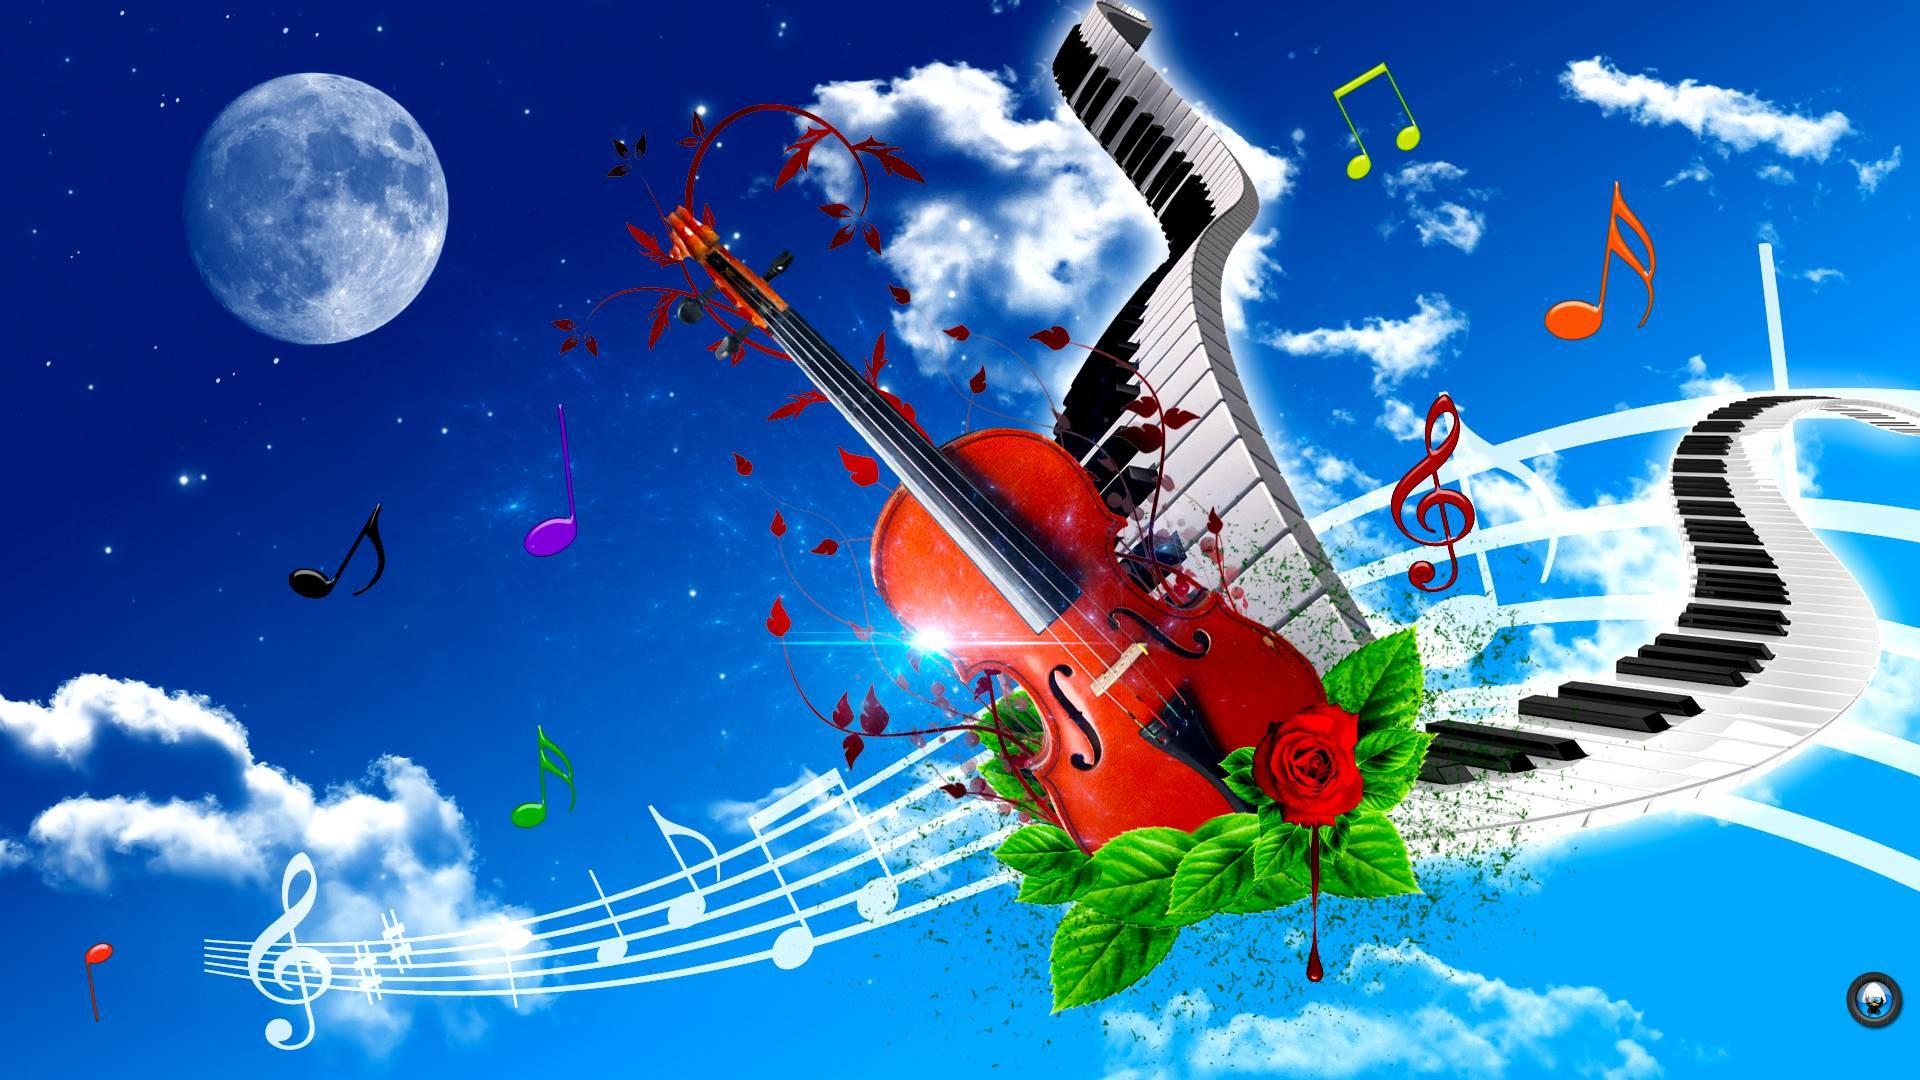 Violin And Piano Art Tone Wallpaper HD #6468 Wallpaper   Wallpaper .